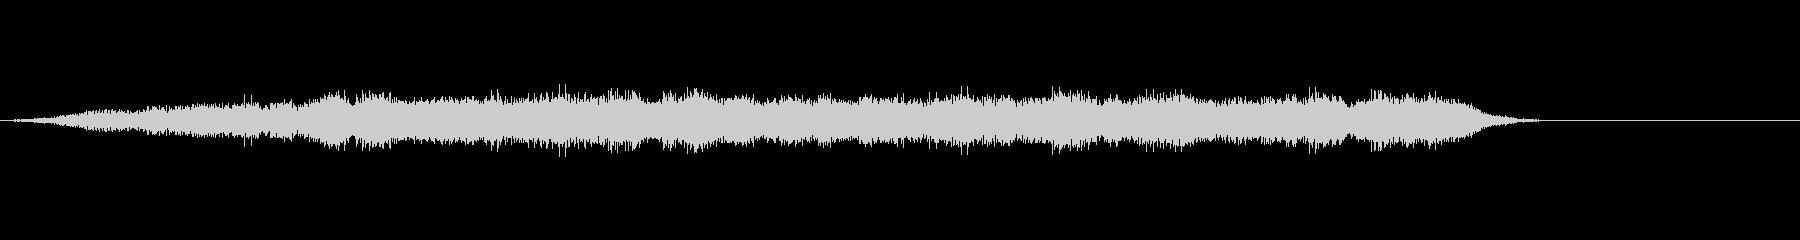 危険3弦コードの未再生の波形